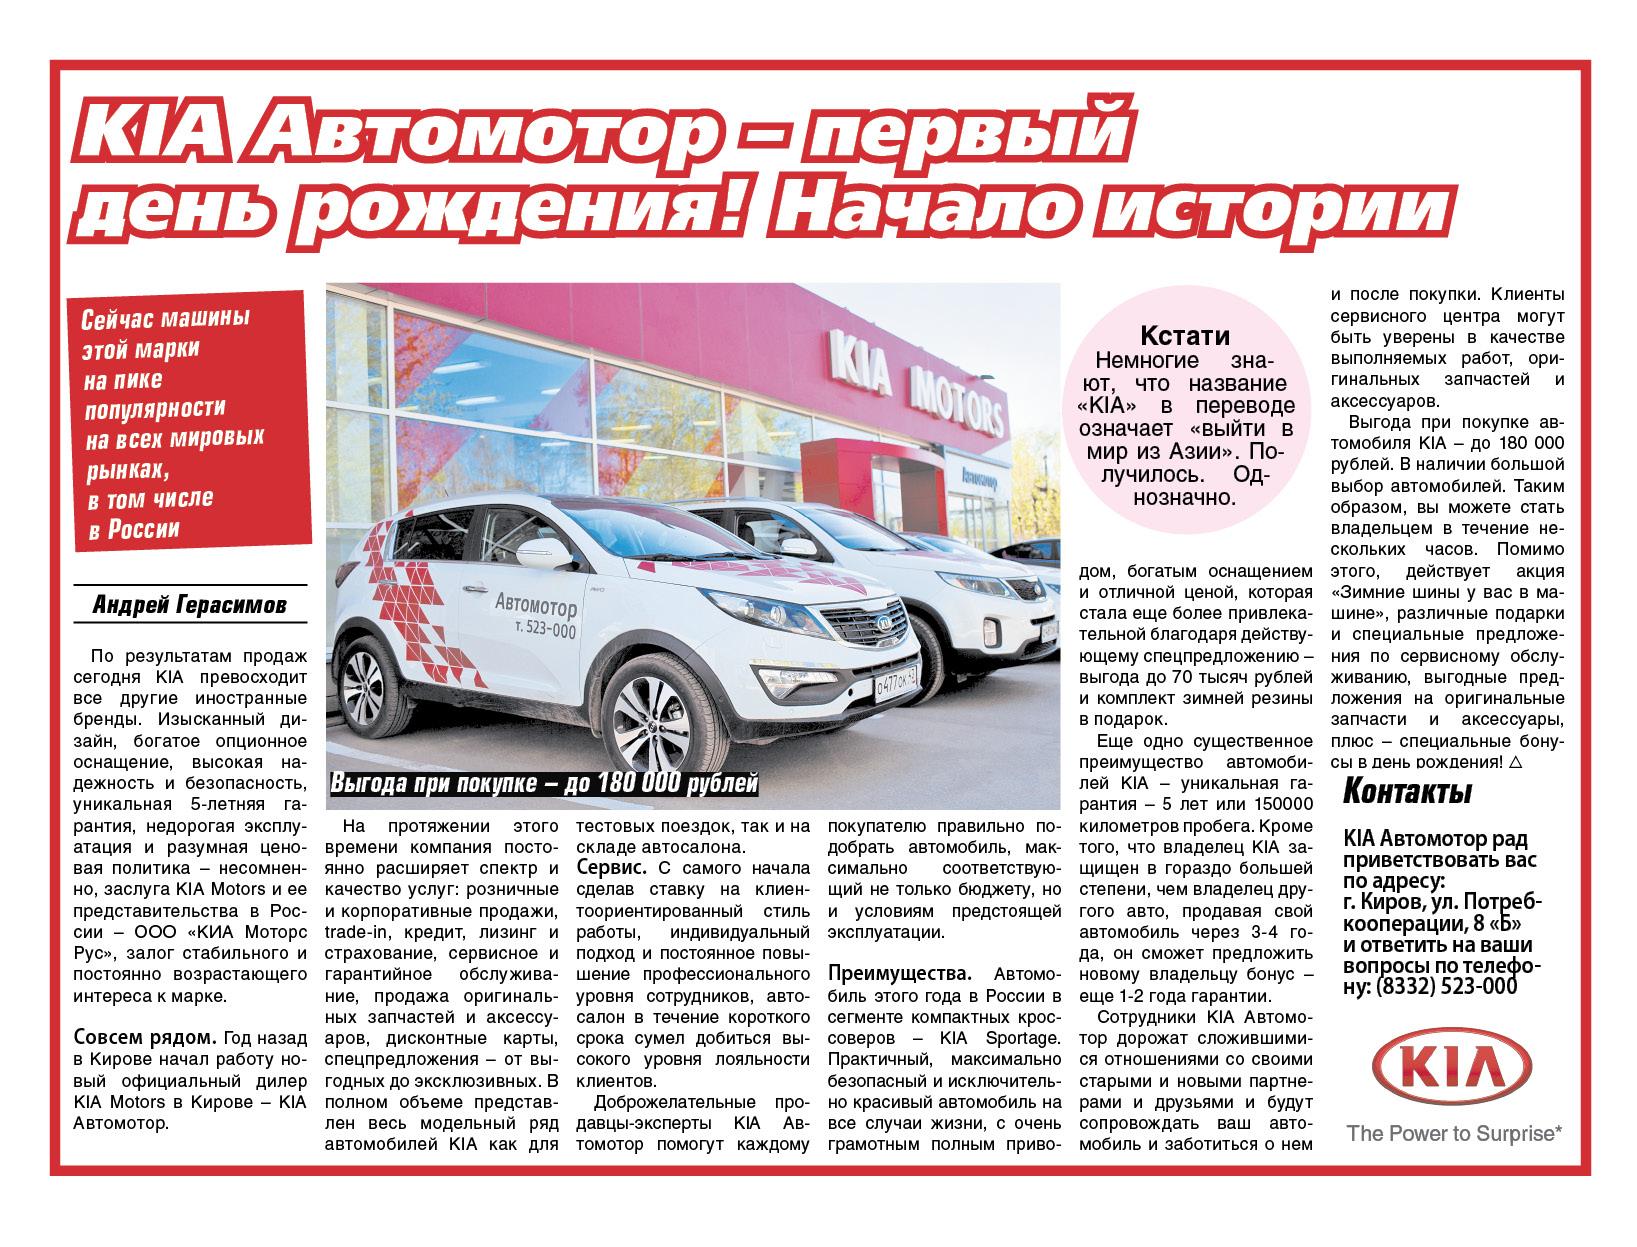 Киа Автомотр_2